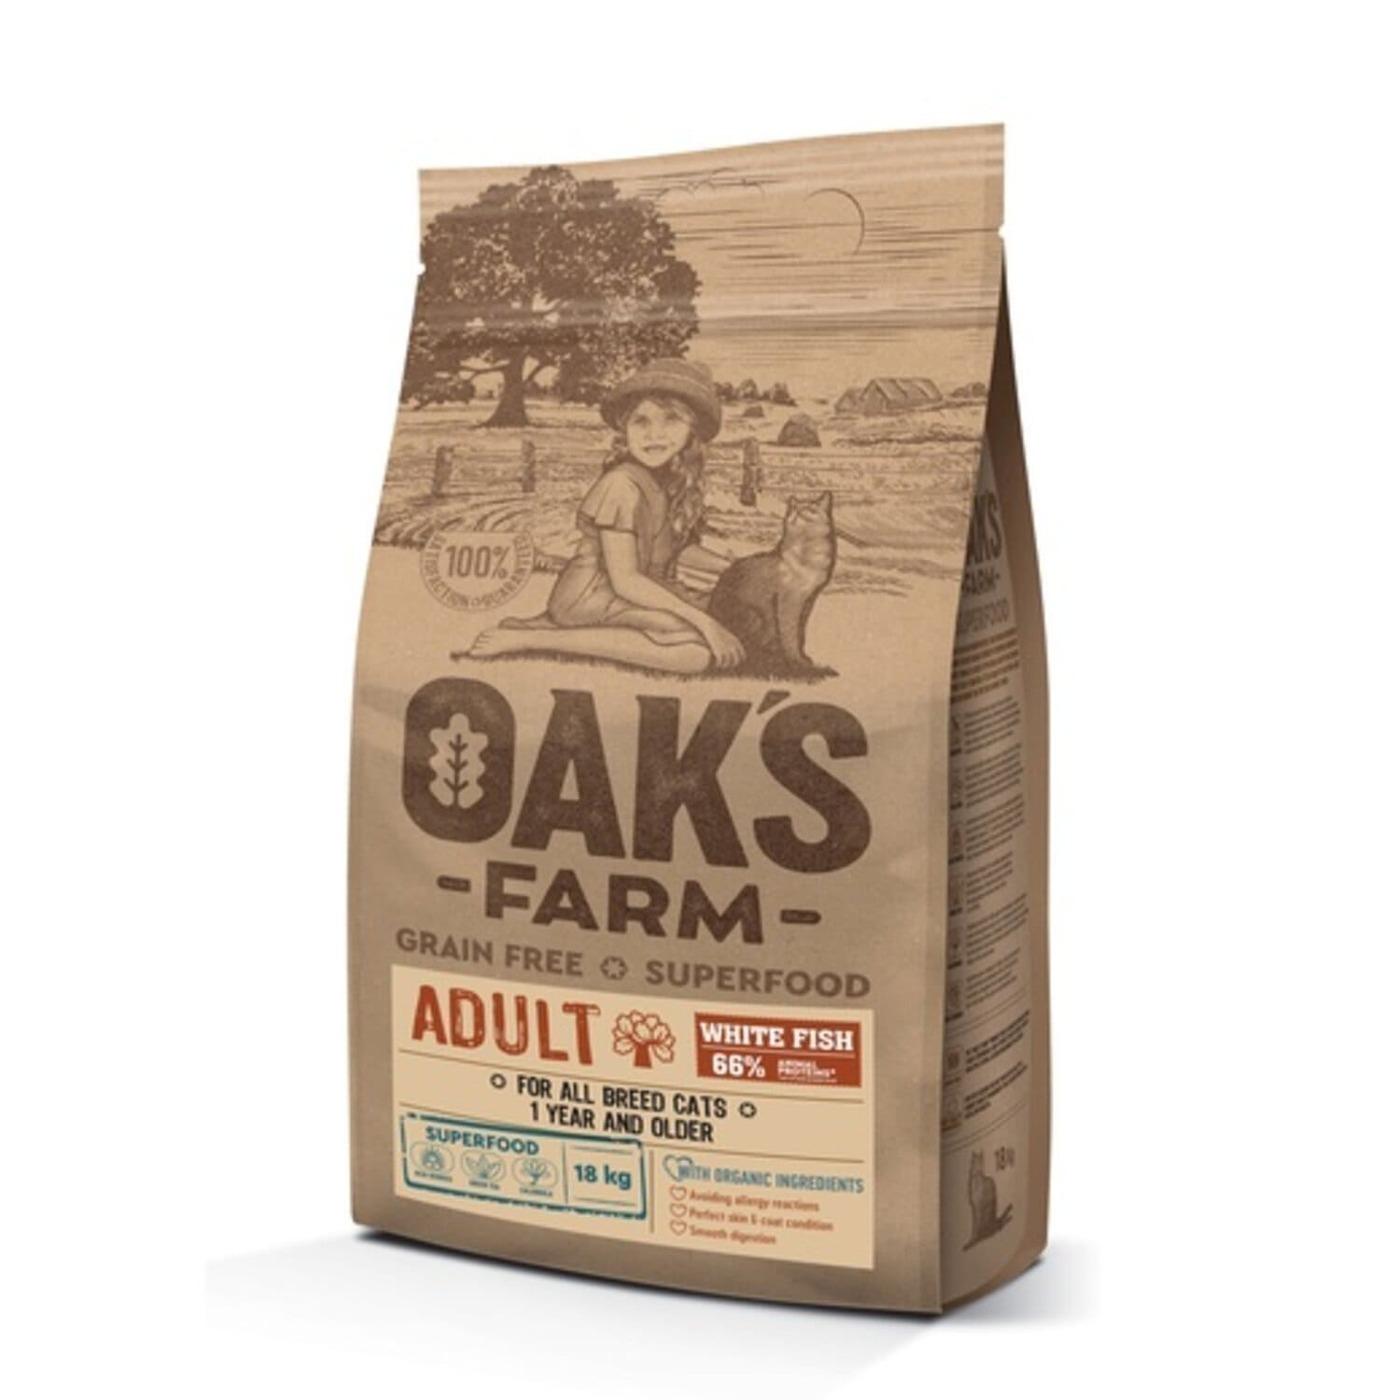 Oaks Farm GF сухой корм для кошек, белая рыба 18 кг